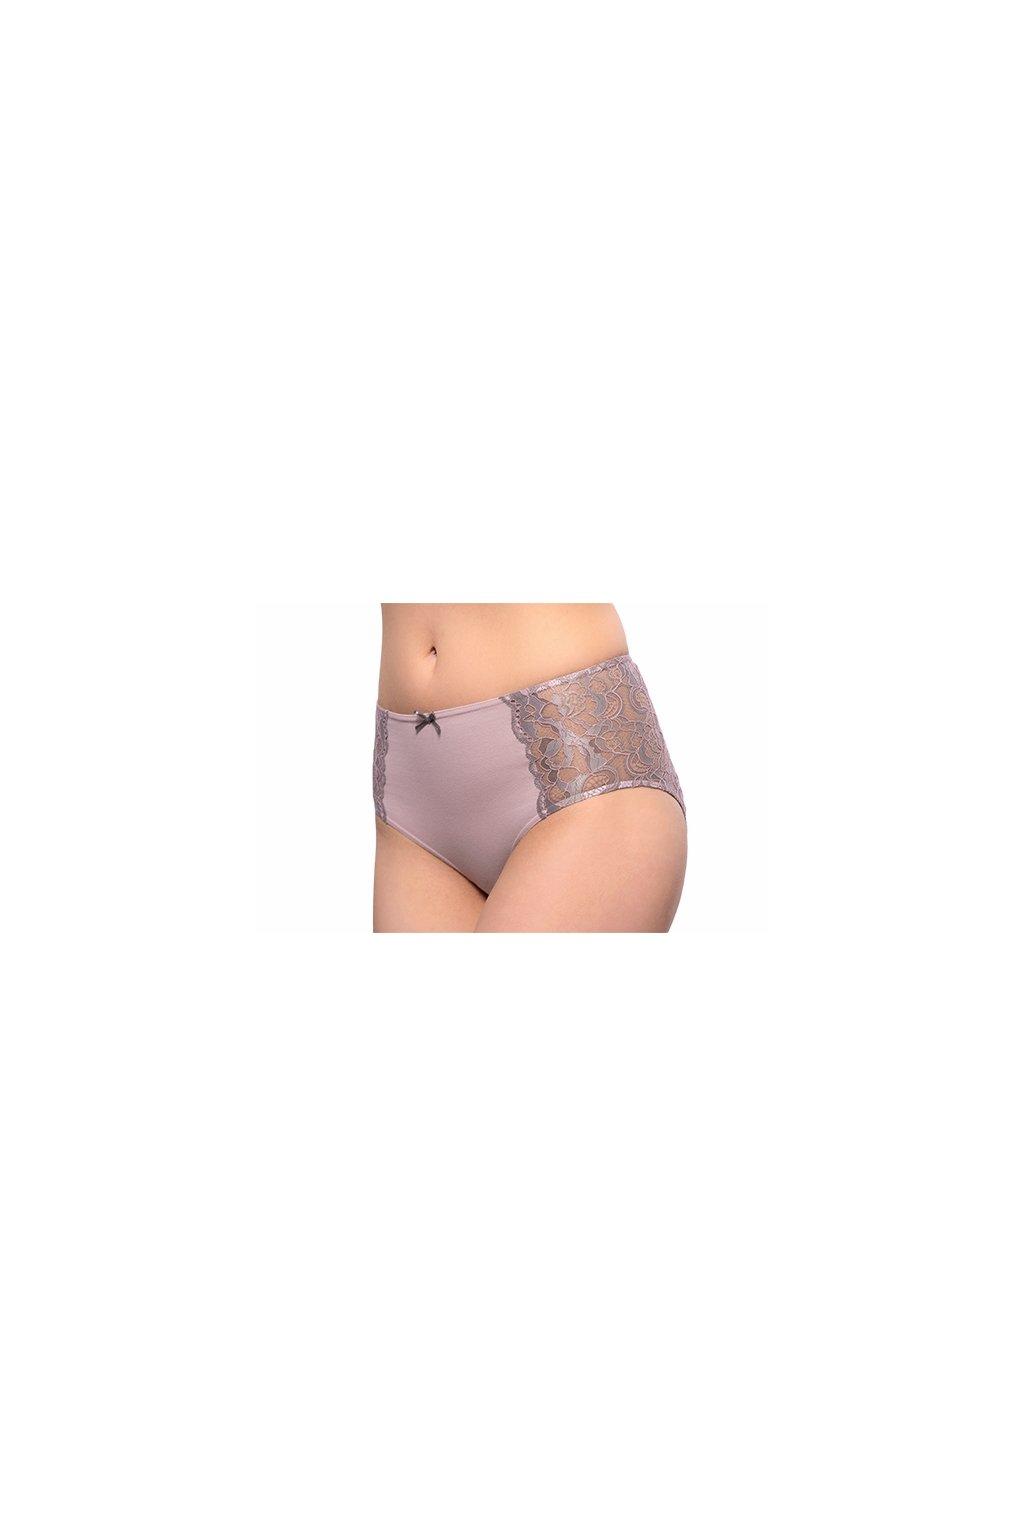 Dámské kalhotky, 100205 432, fialová